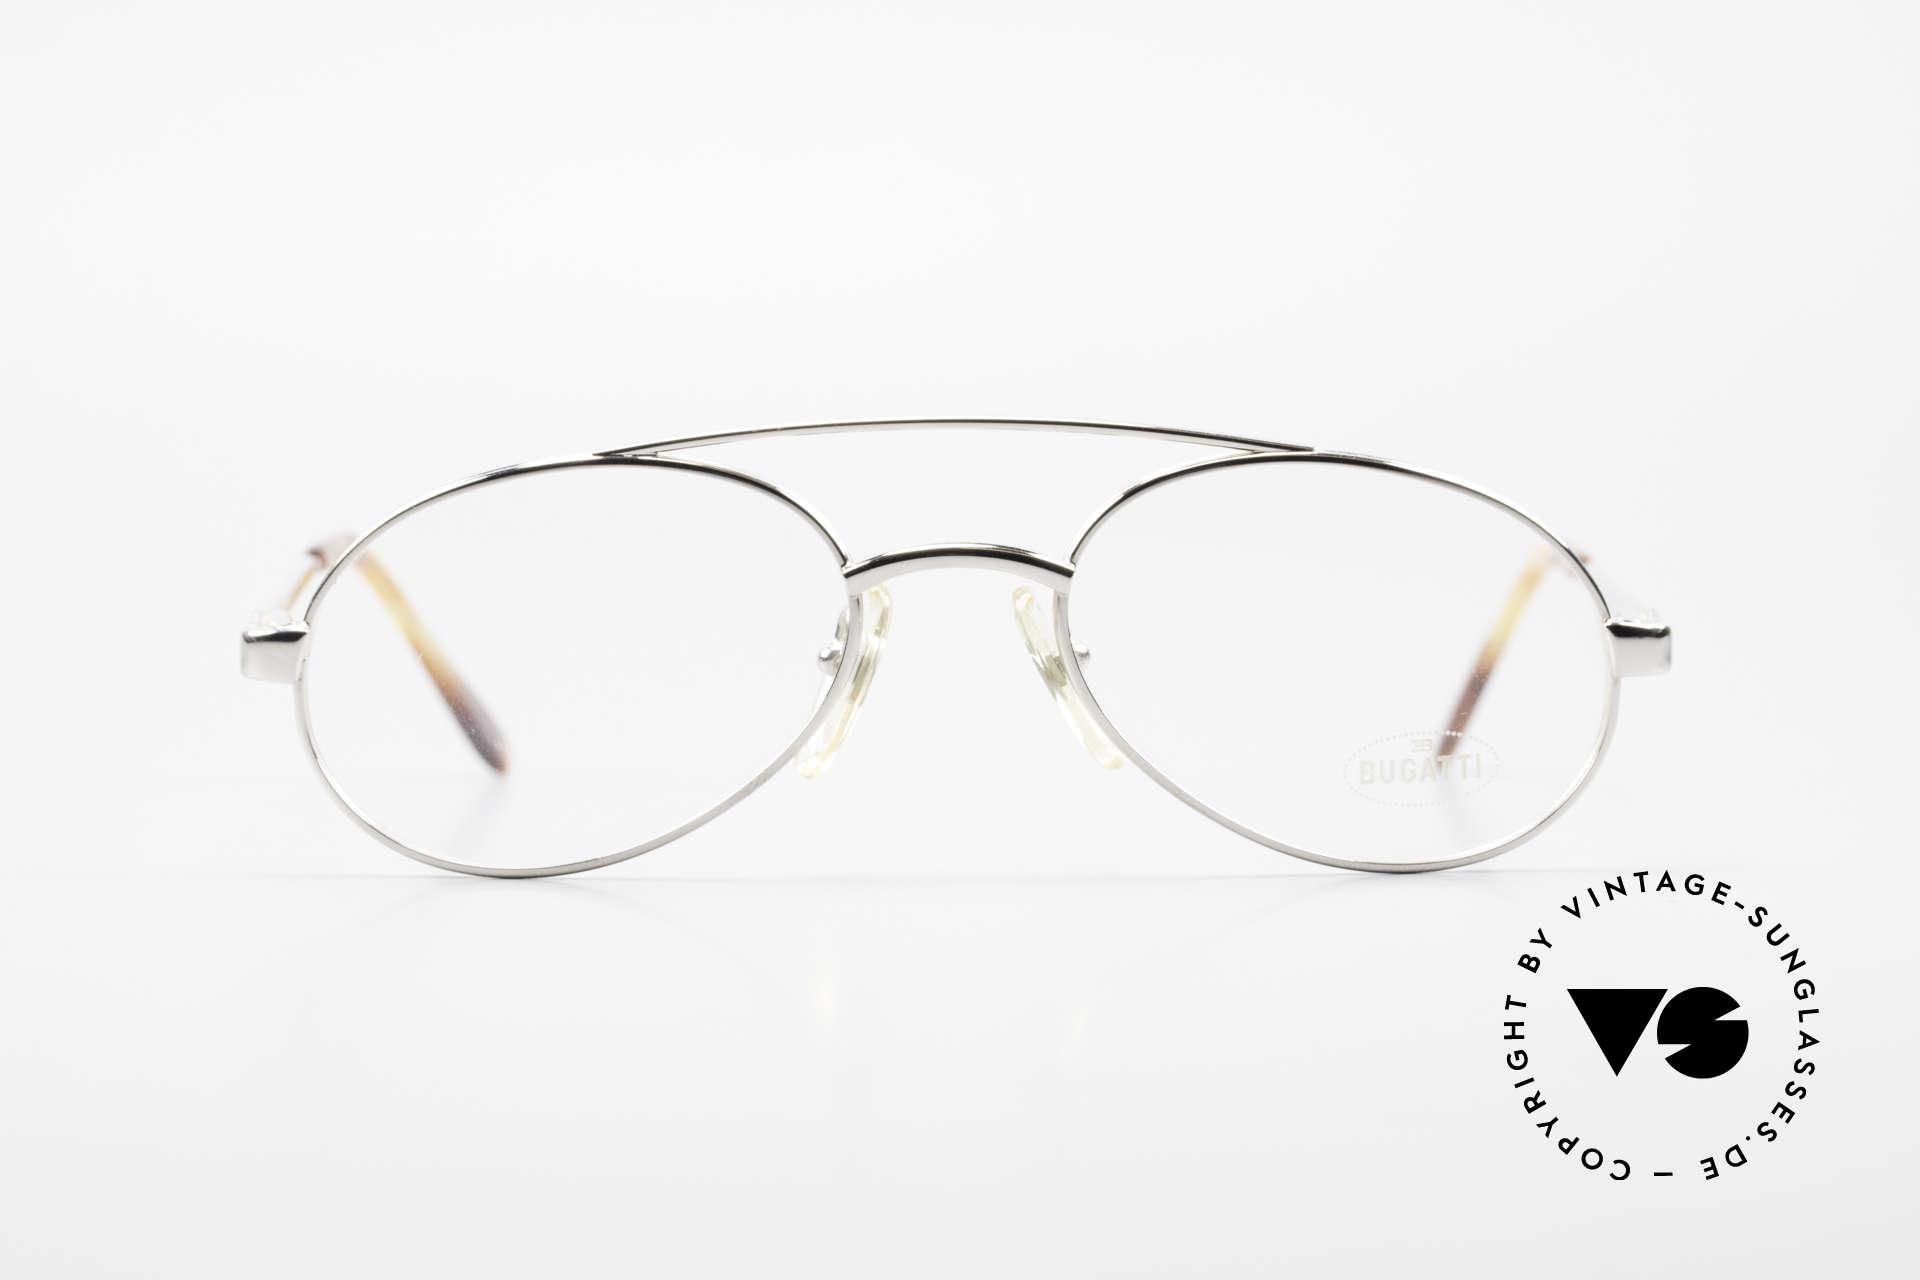 Bugatti 08104 80er Herren Vintage Brille, charakteristische Bugatti Herrenform (Tropfenform), Passend für Herren